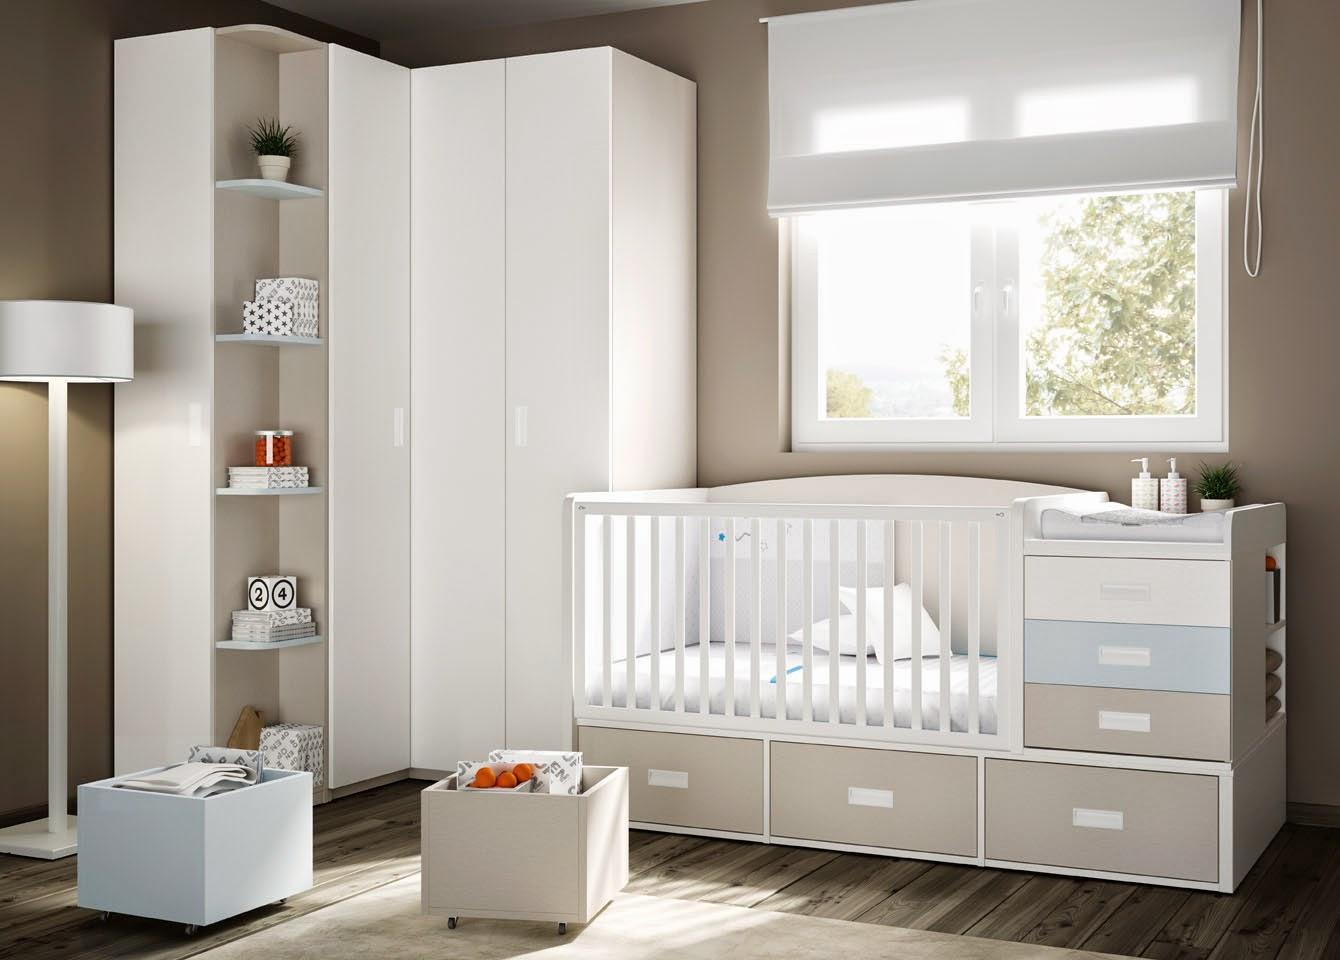 Il passaggio dal lettino al letto culle per neonati